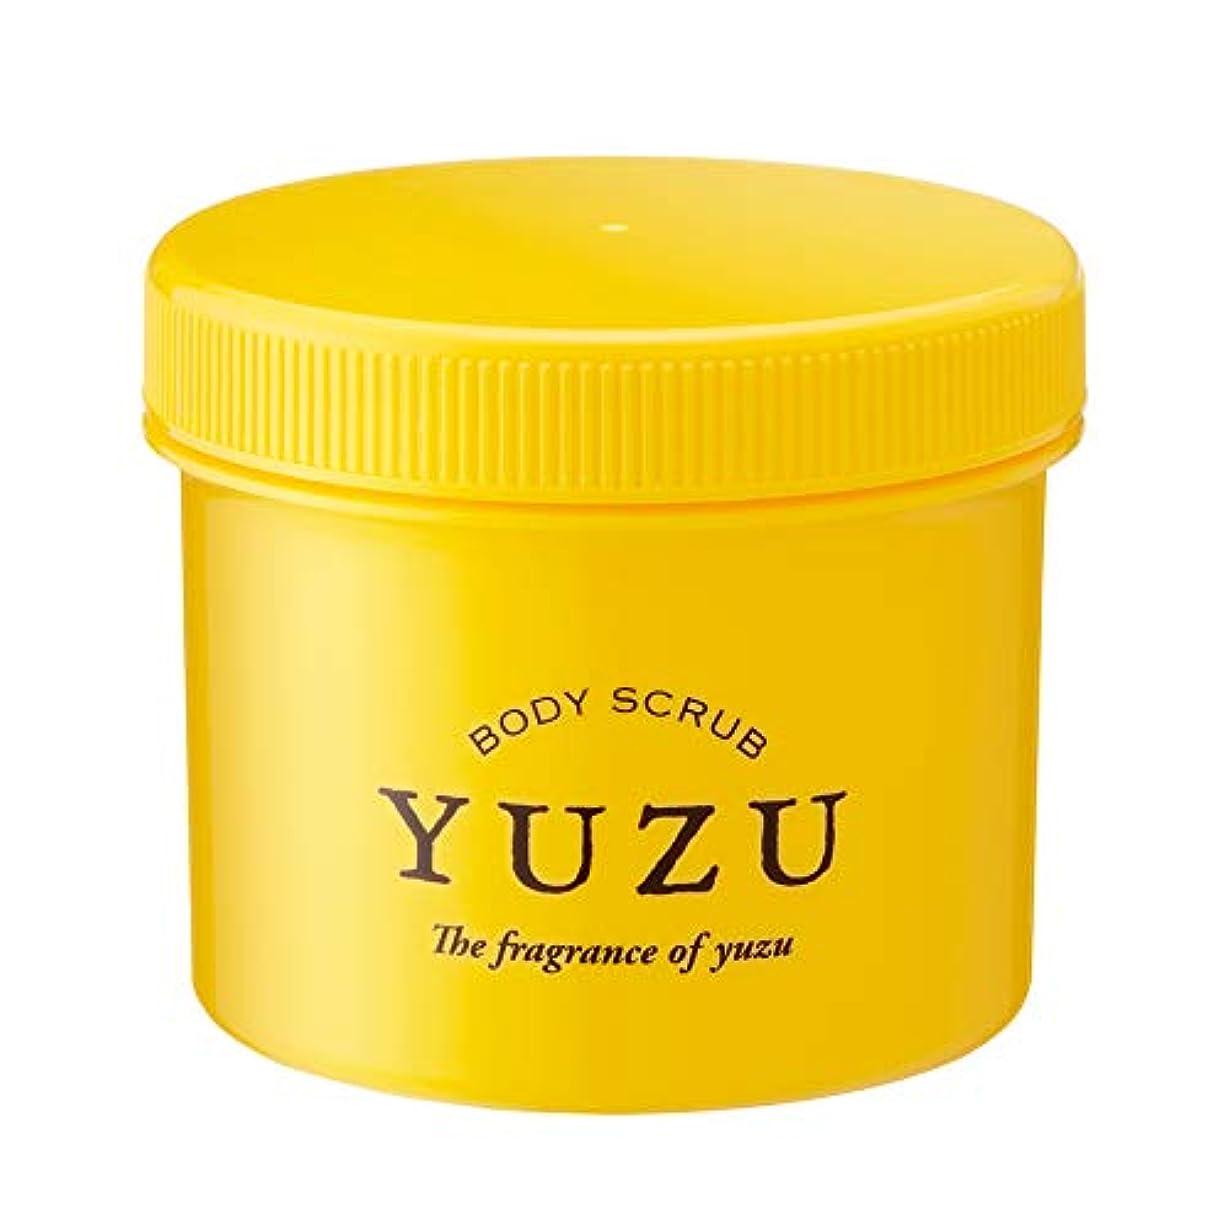 ホバー再生的イチゴ(美健)ビケン YUZU ボディマッサージスクラブ 高知県ゆず精油のみで香り付け